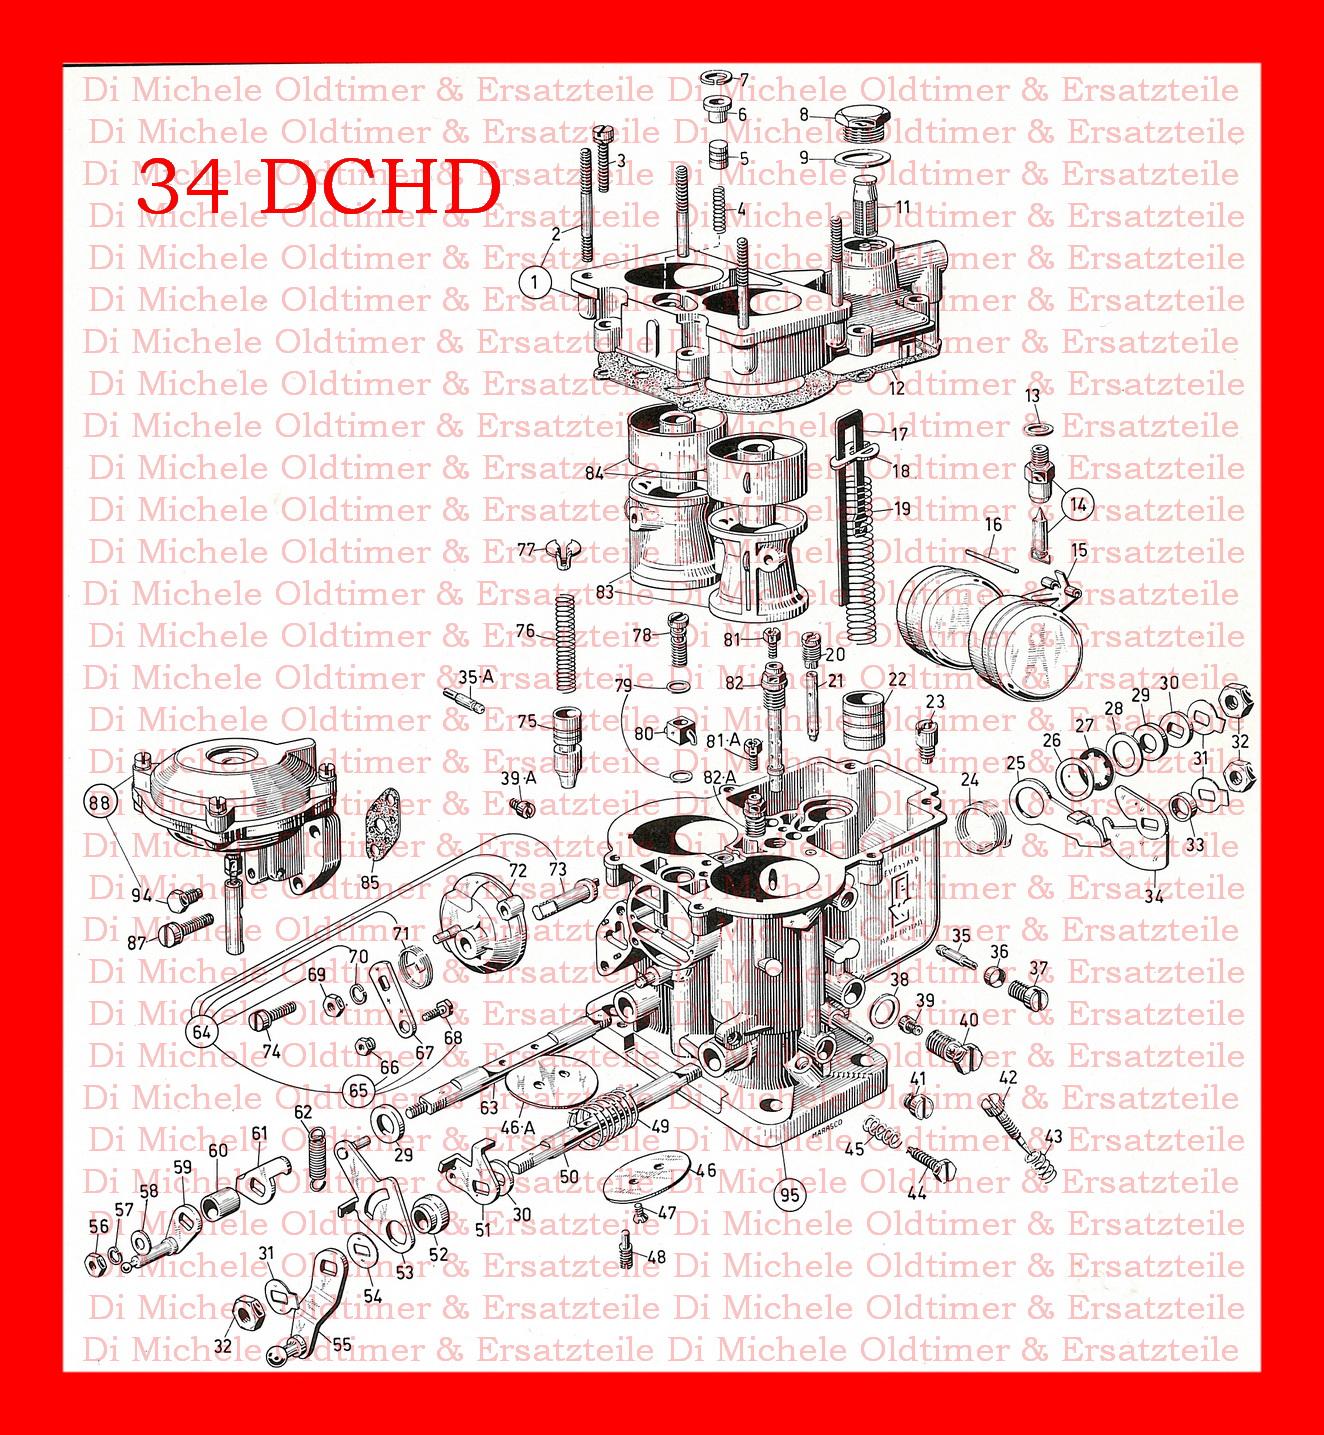 34_DCHD